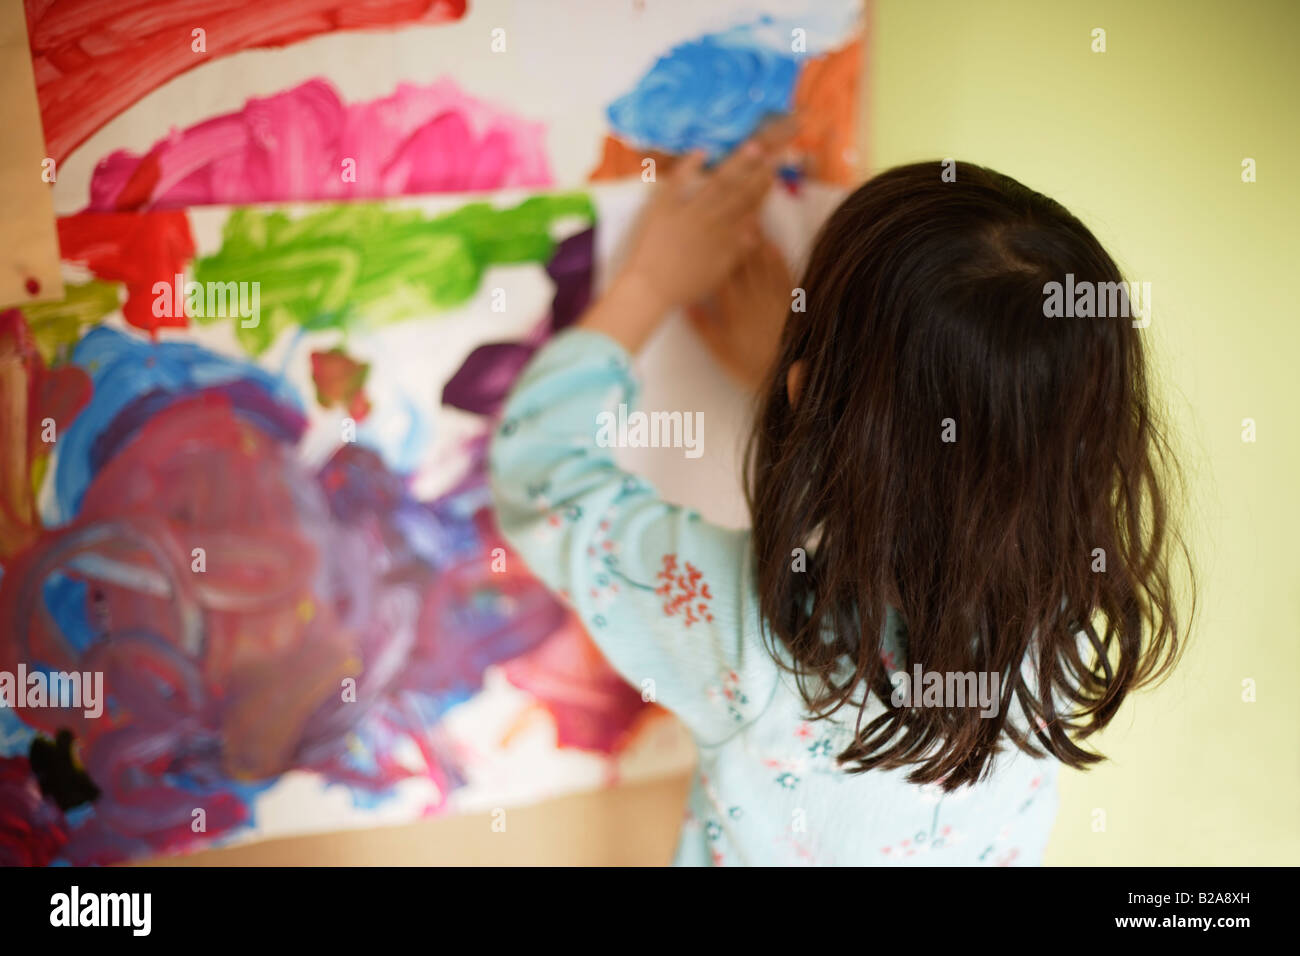 Cinco años de edad, niña palos ilustraciones en su dormitorio pinboard mestizos étnicos indios Imagen De Stock